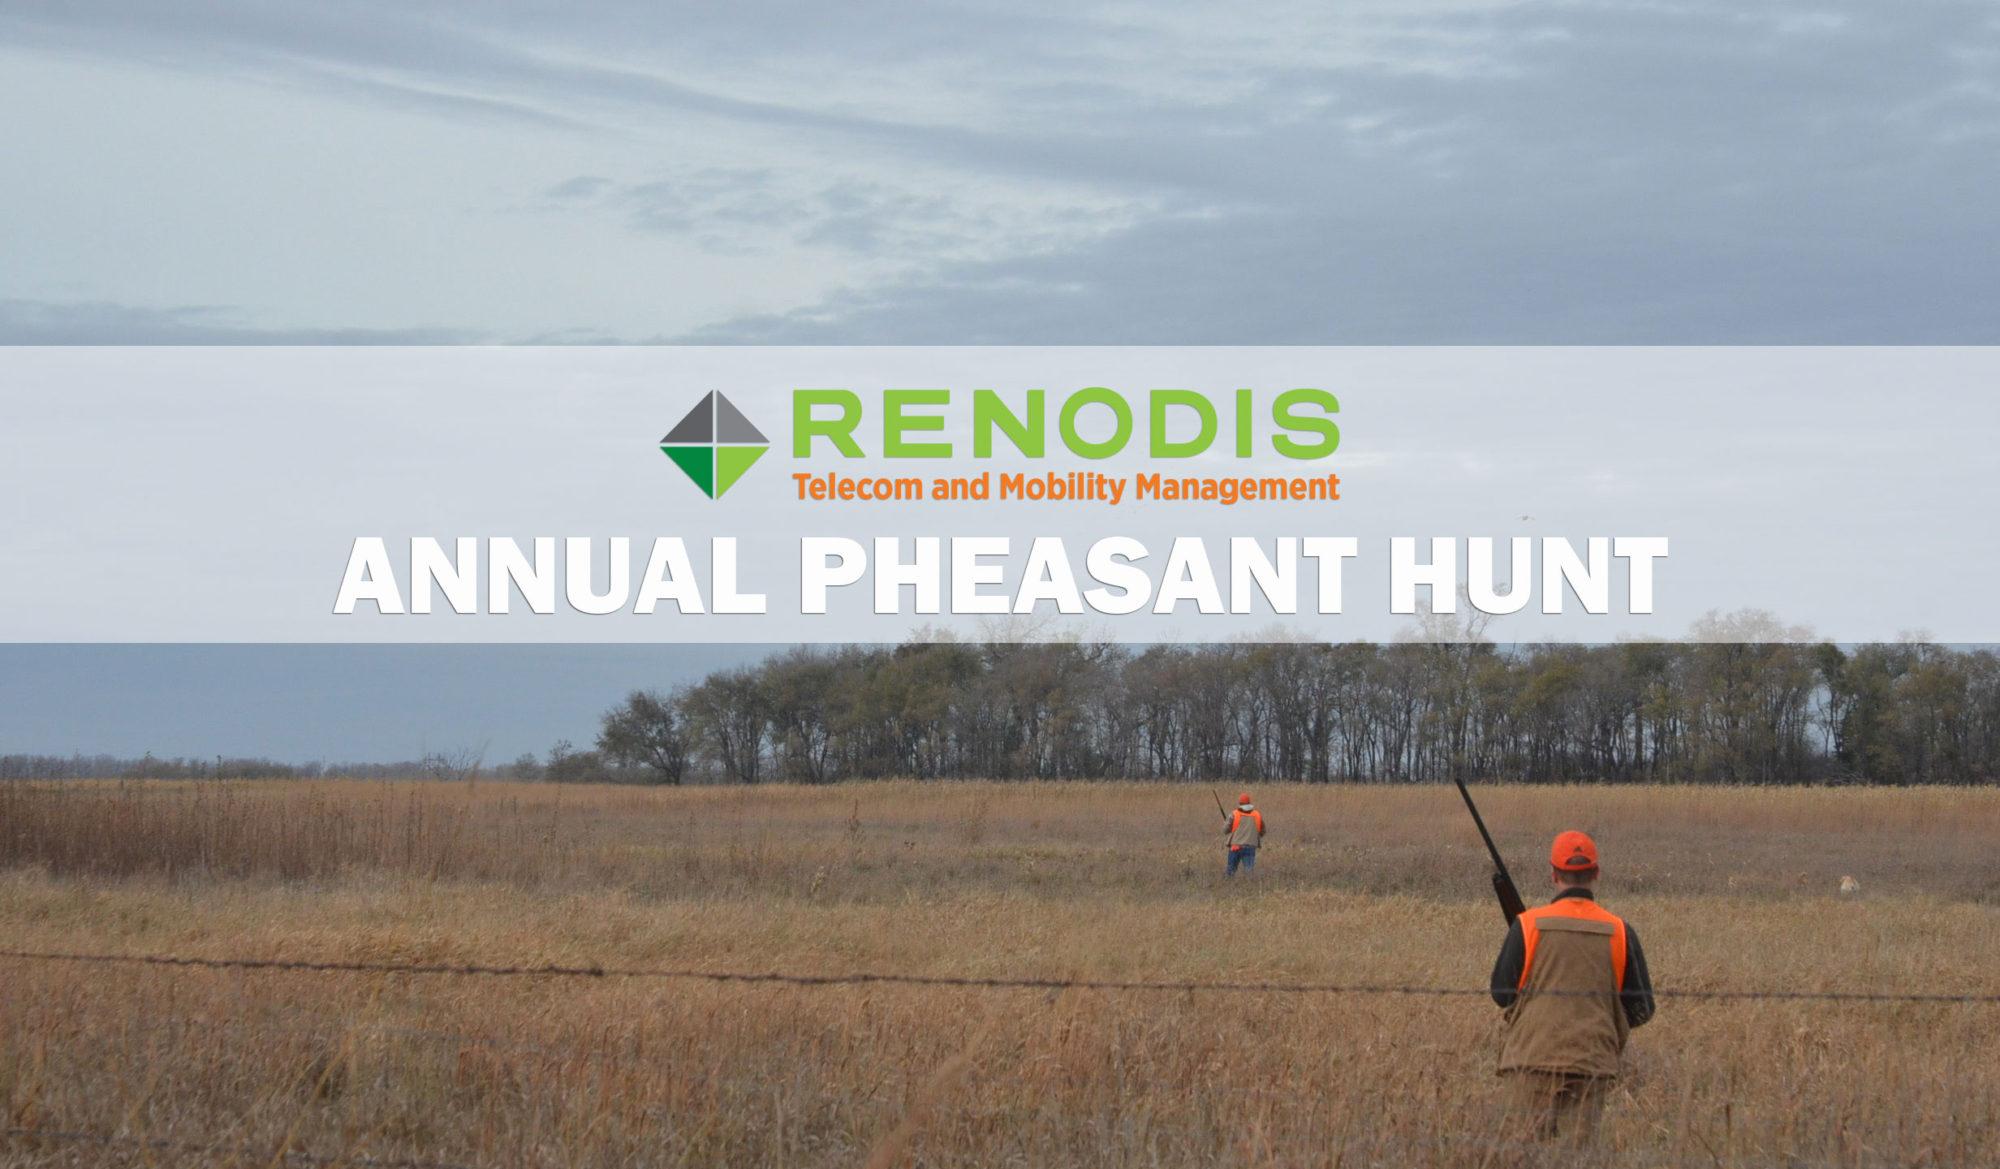 Renodis Pheasant Hunt